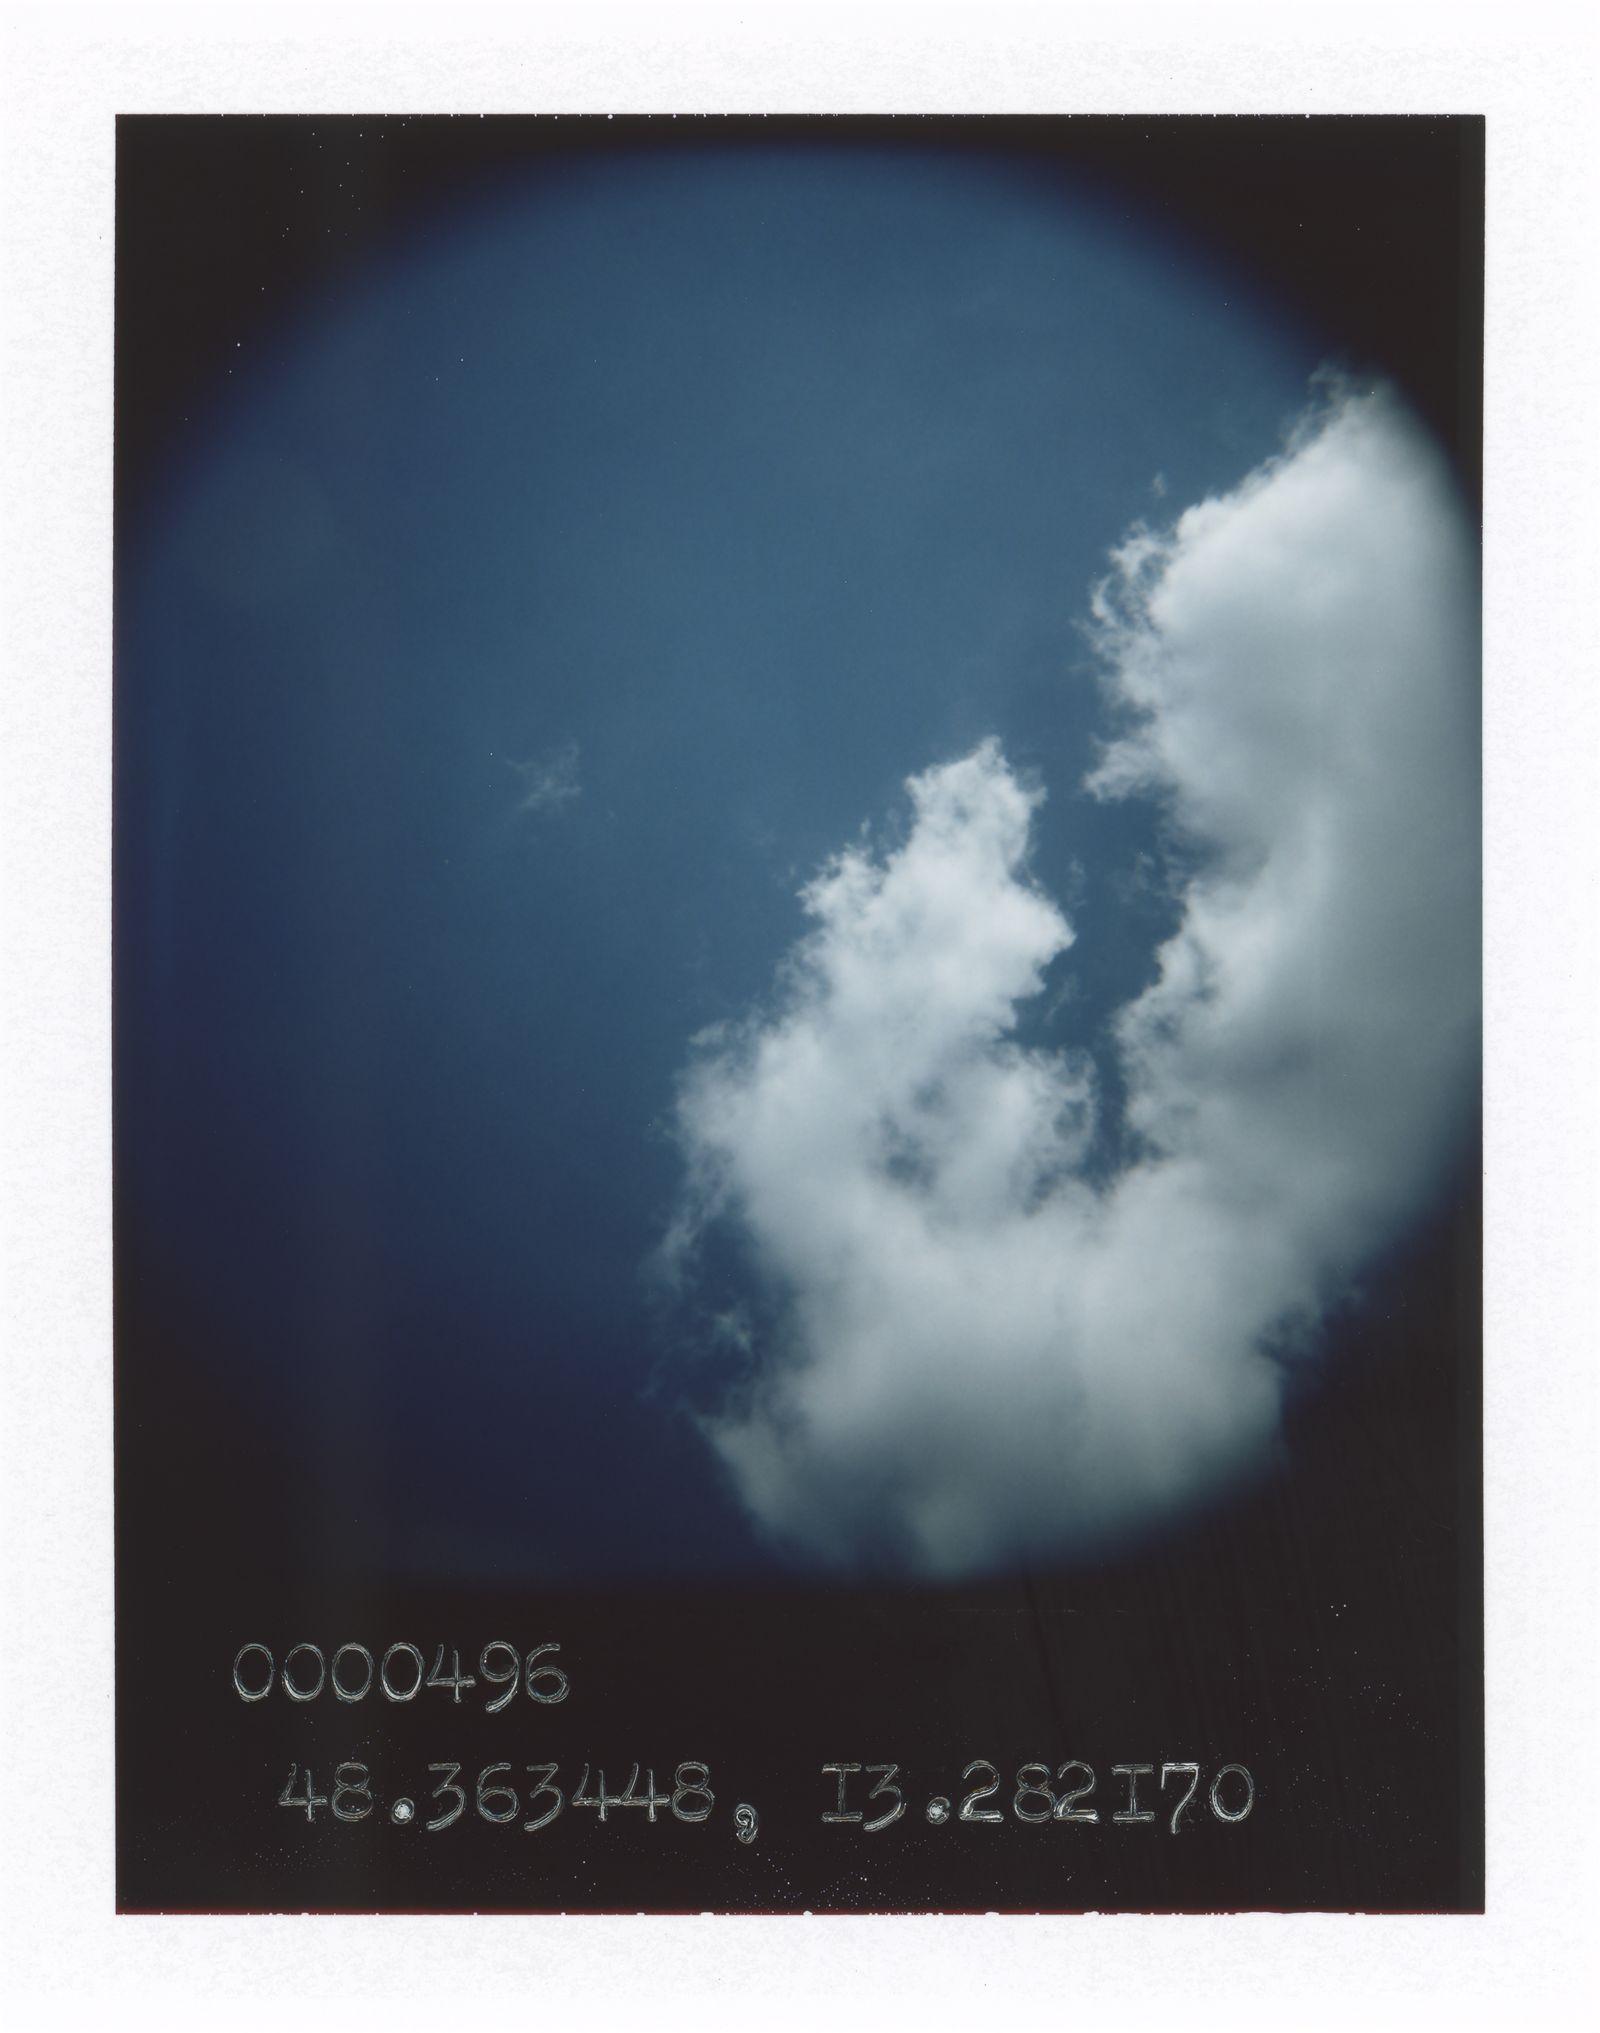 Kirchham bei Pocking | 0000496 | 48.363448, 13.282170 (EX) - © Anton Kusters